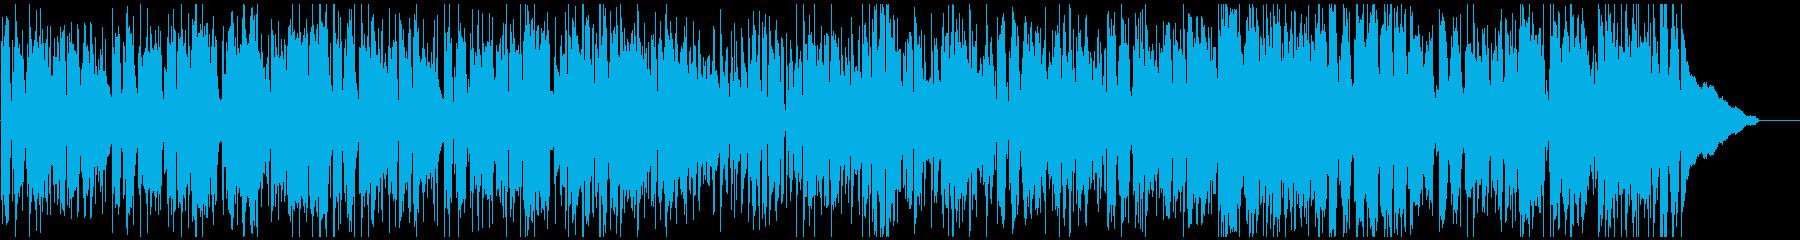 軽快で明るい爽快ジャズファンク・ブルースの再生済みの波形